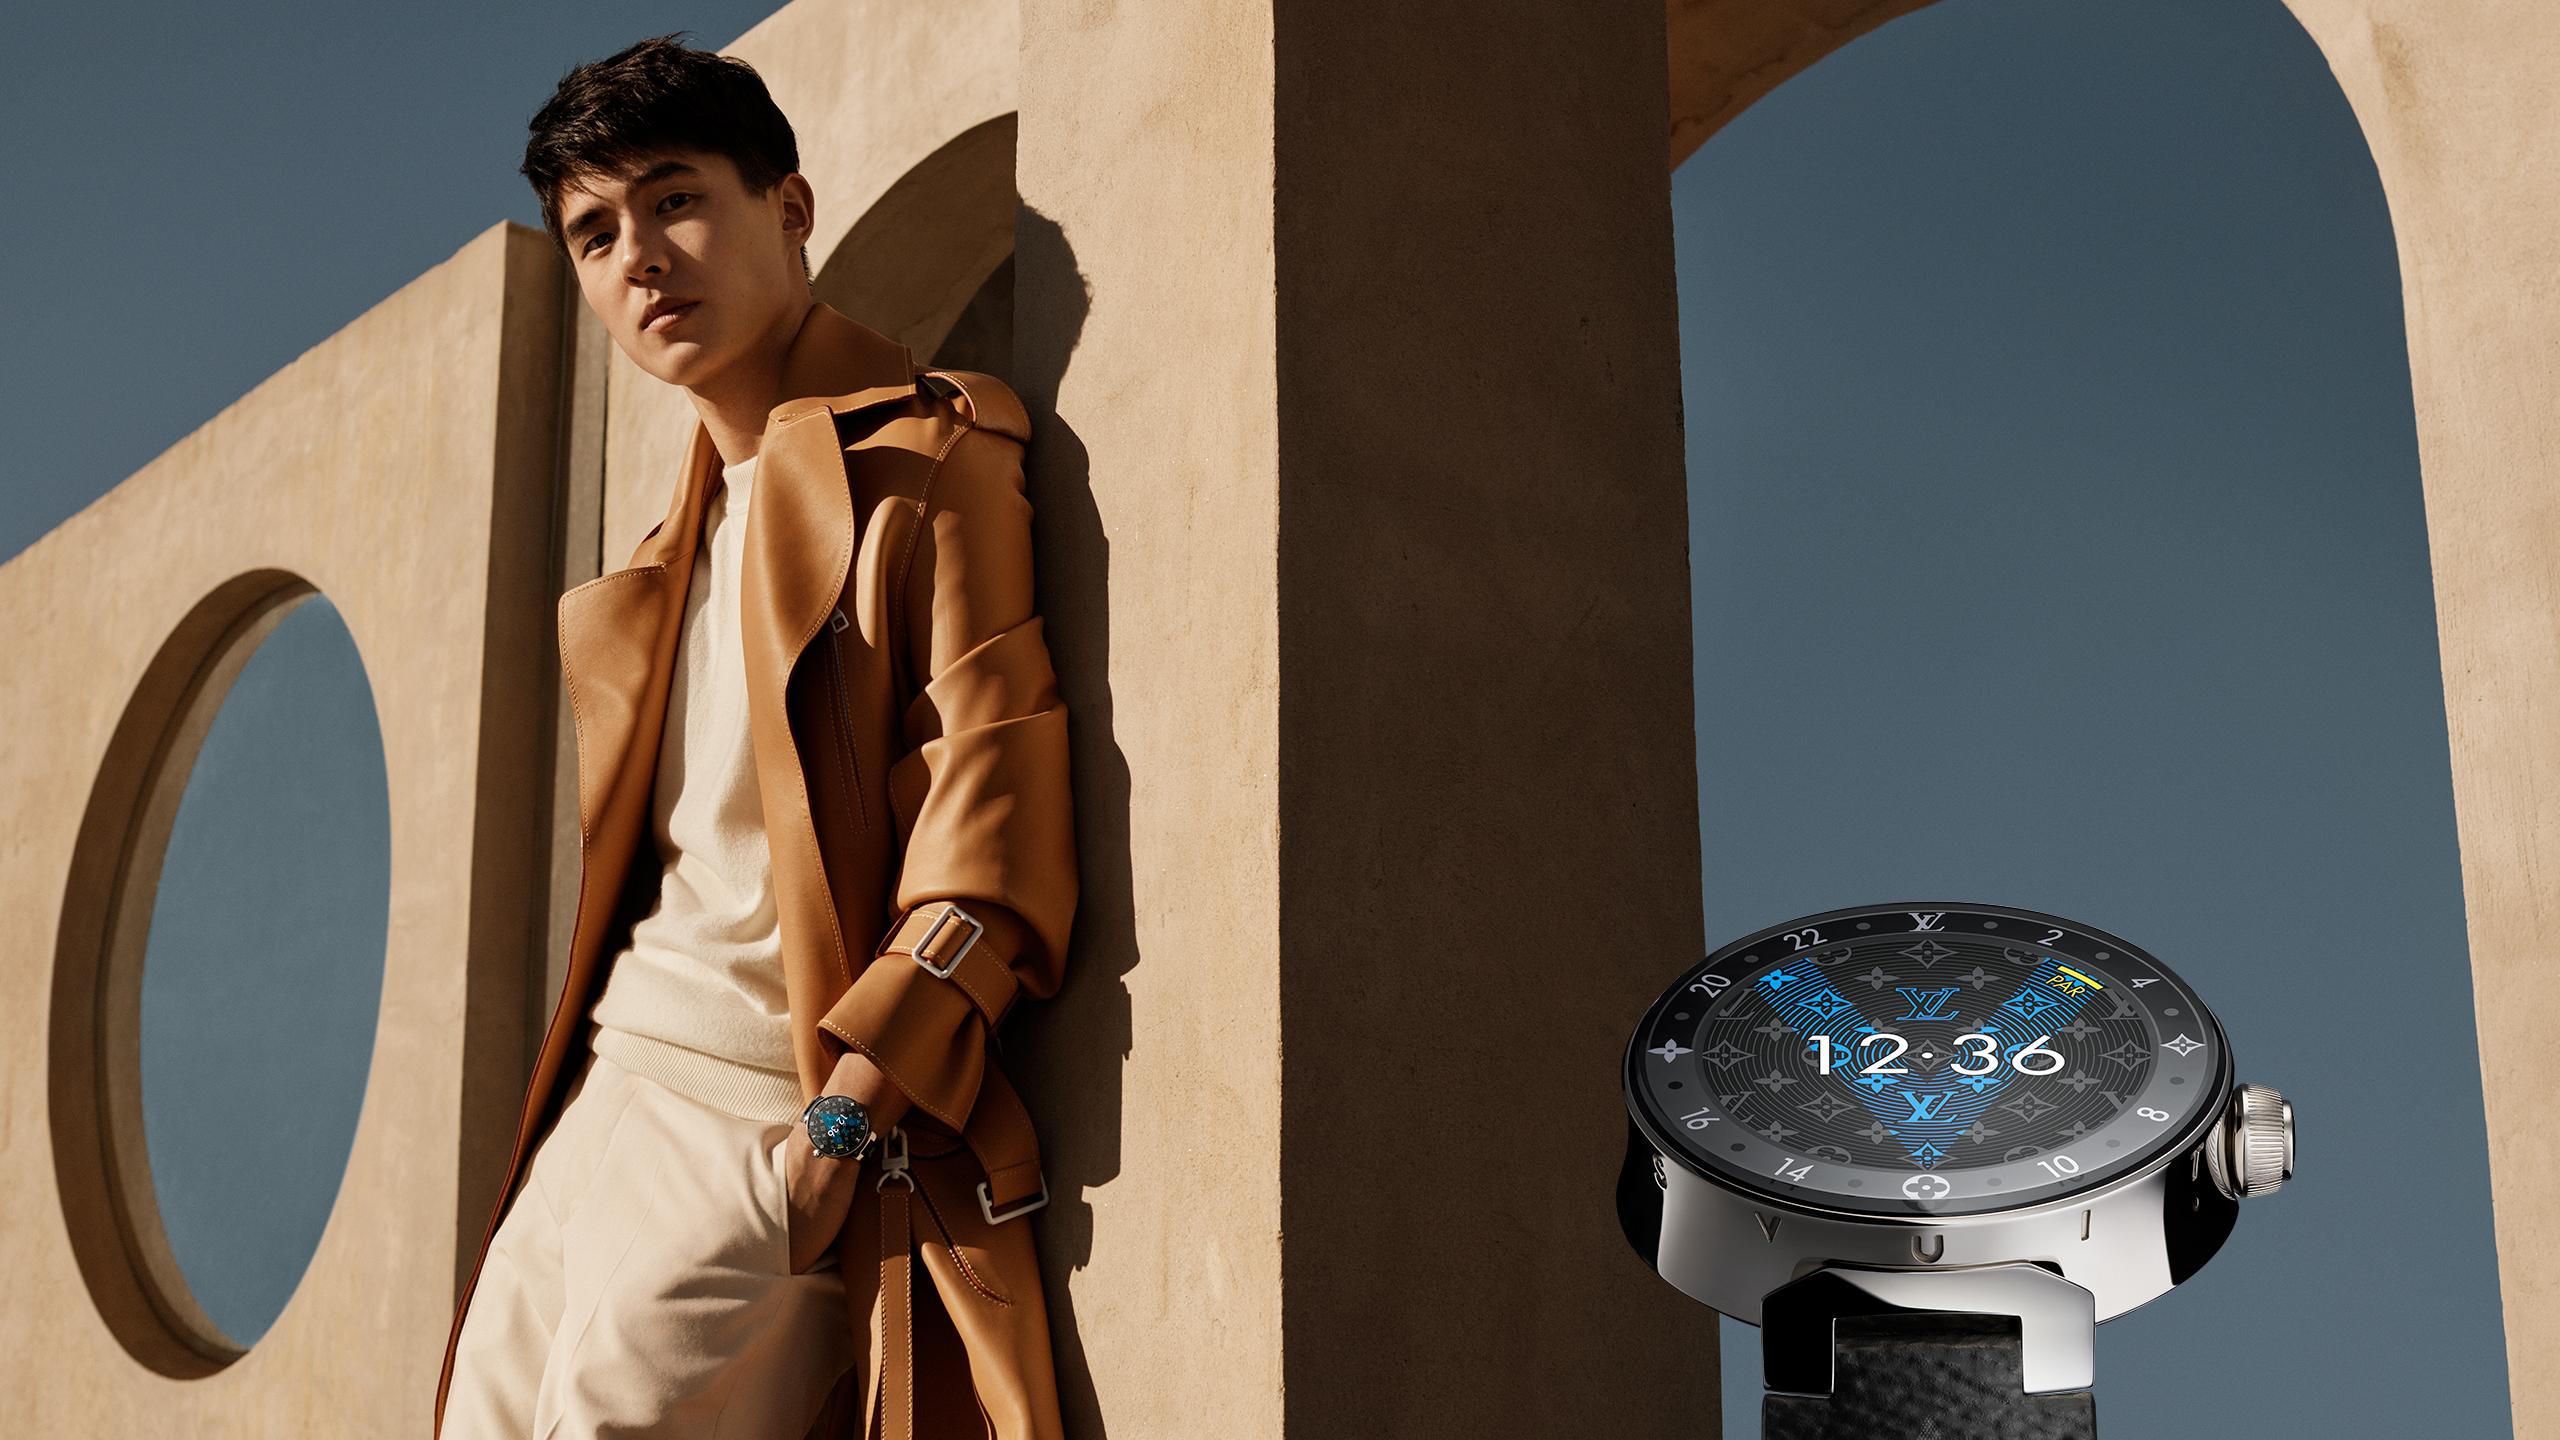 Liu Haoran in the Louis Vuitton Tambour 2 campaign